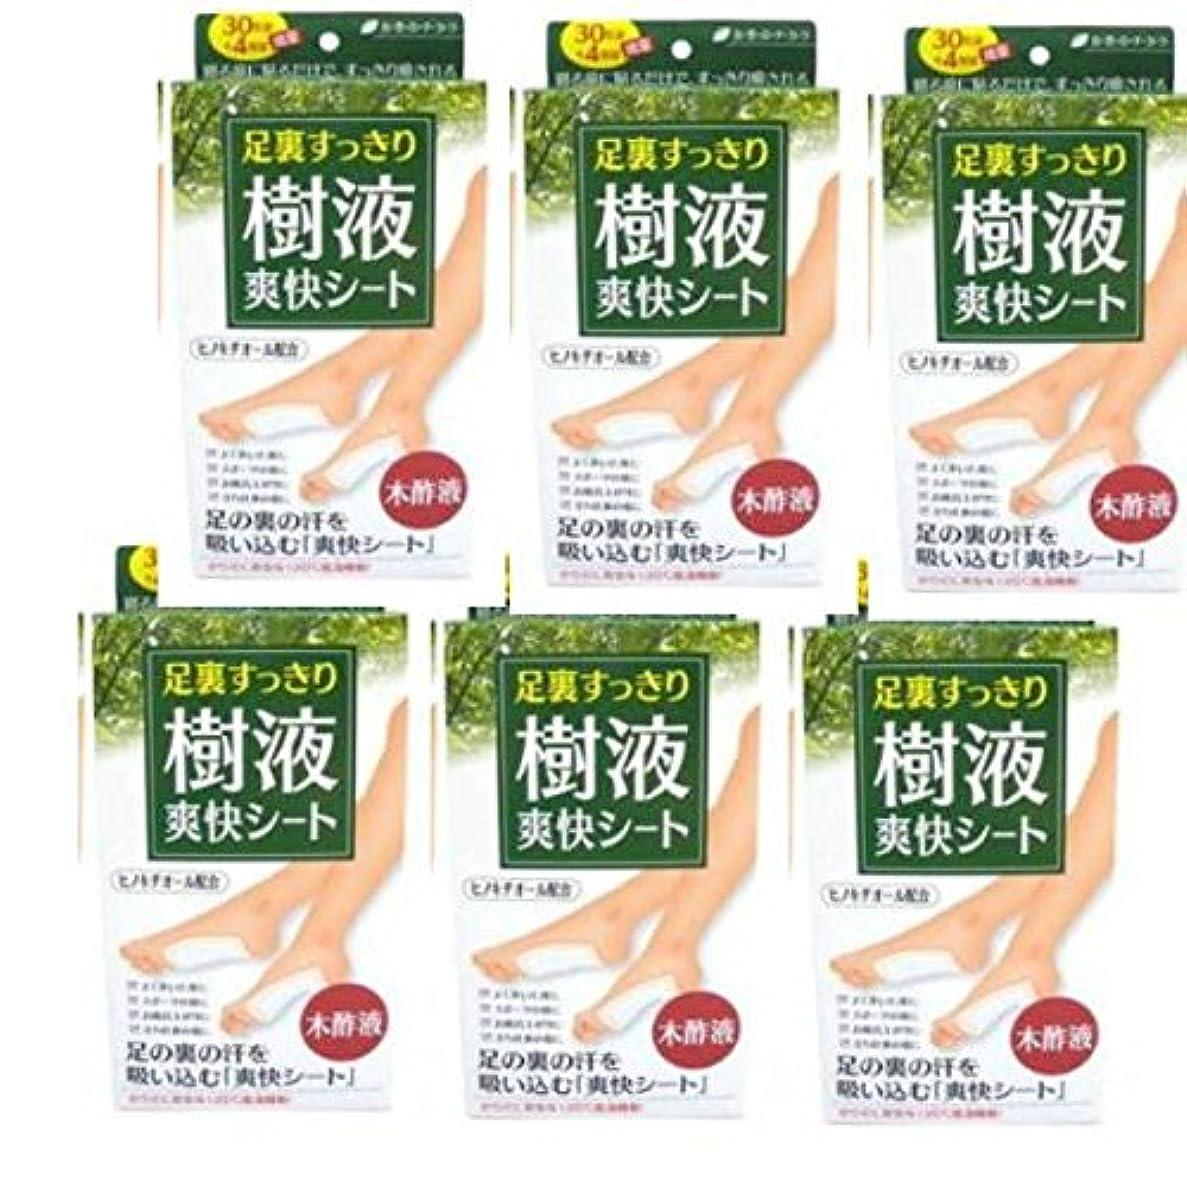 パンツ朝食を食べる木材足裏すっきり 樹液爽快シート 30枚組+4枚組増量【6個セット】(ティー?エイチ?ティー)